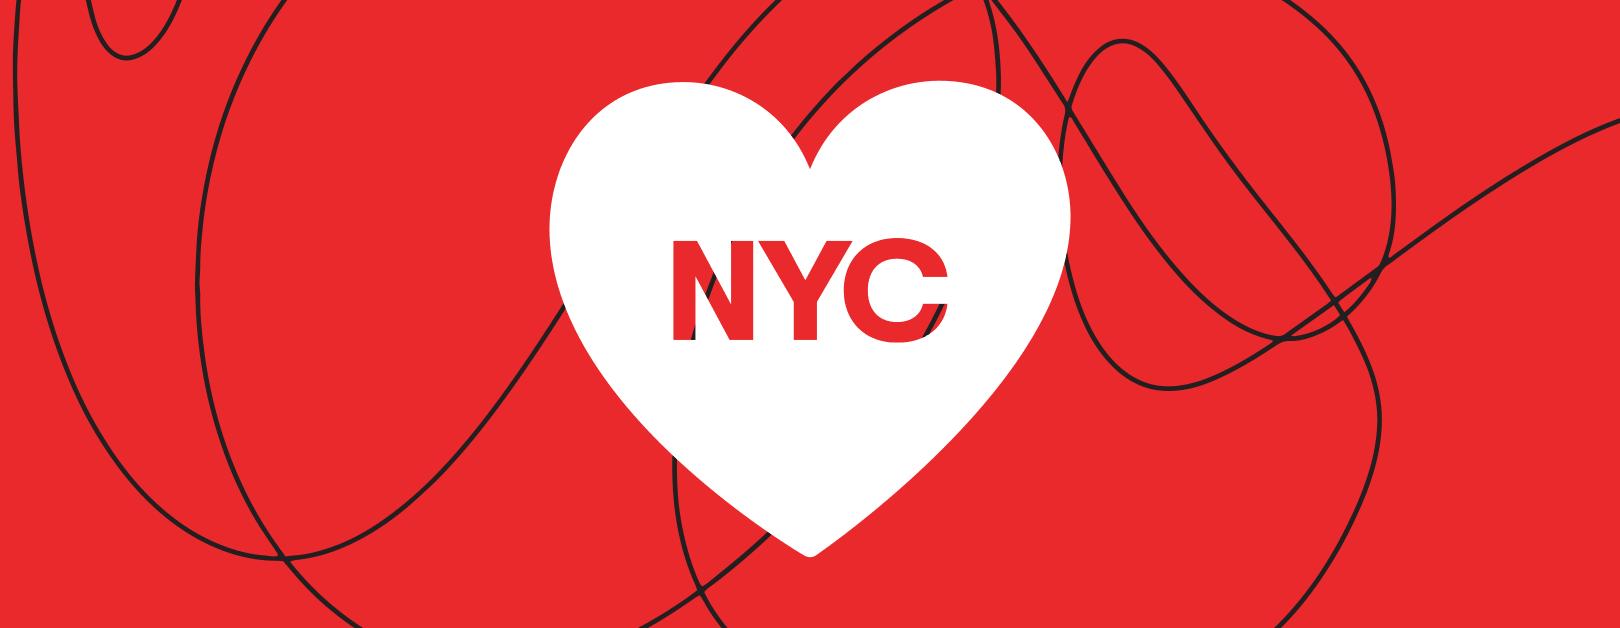 NY Phil ❤️ NYC